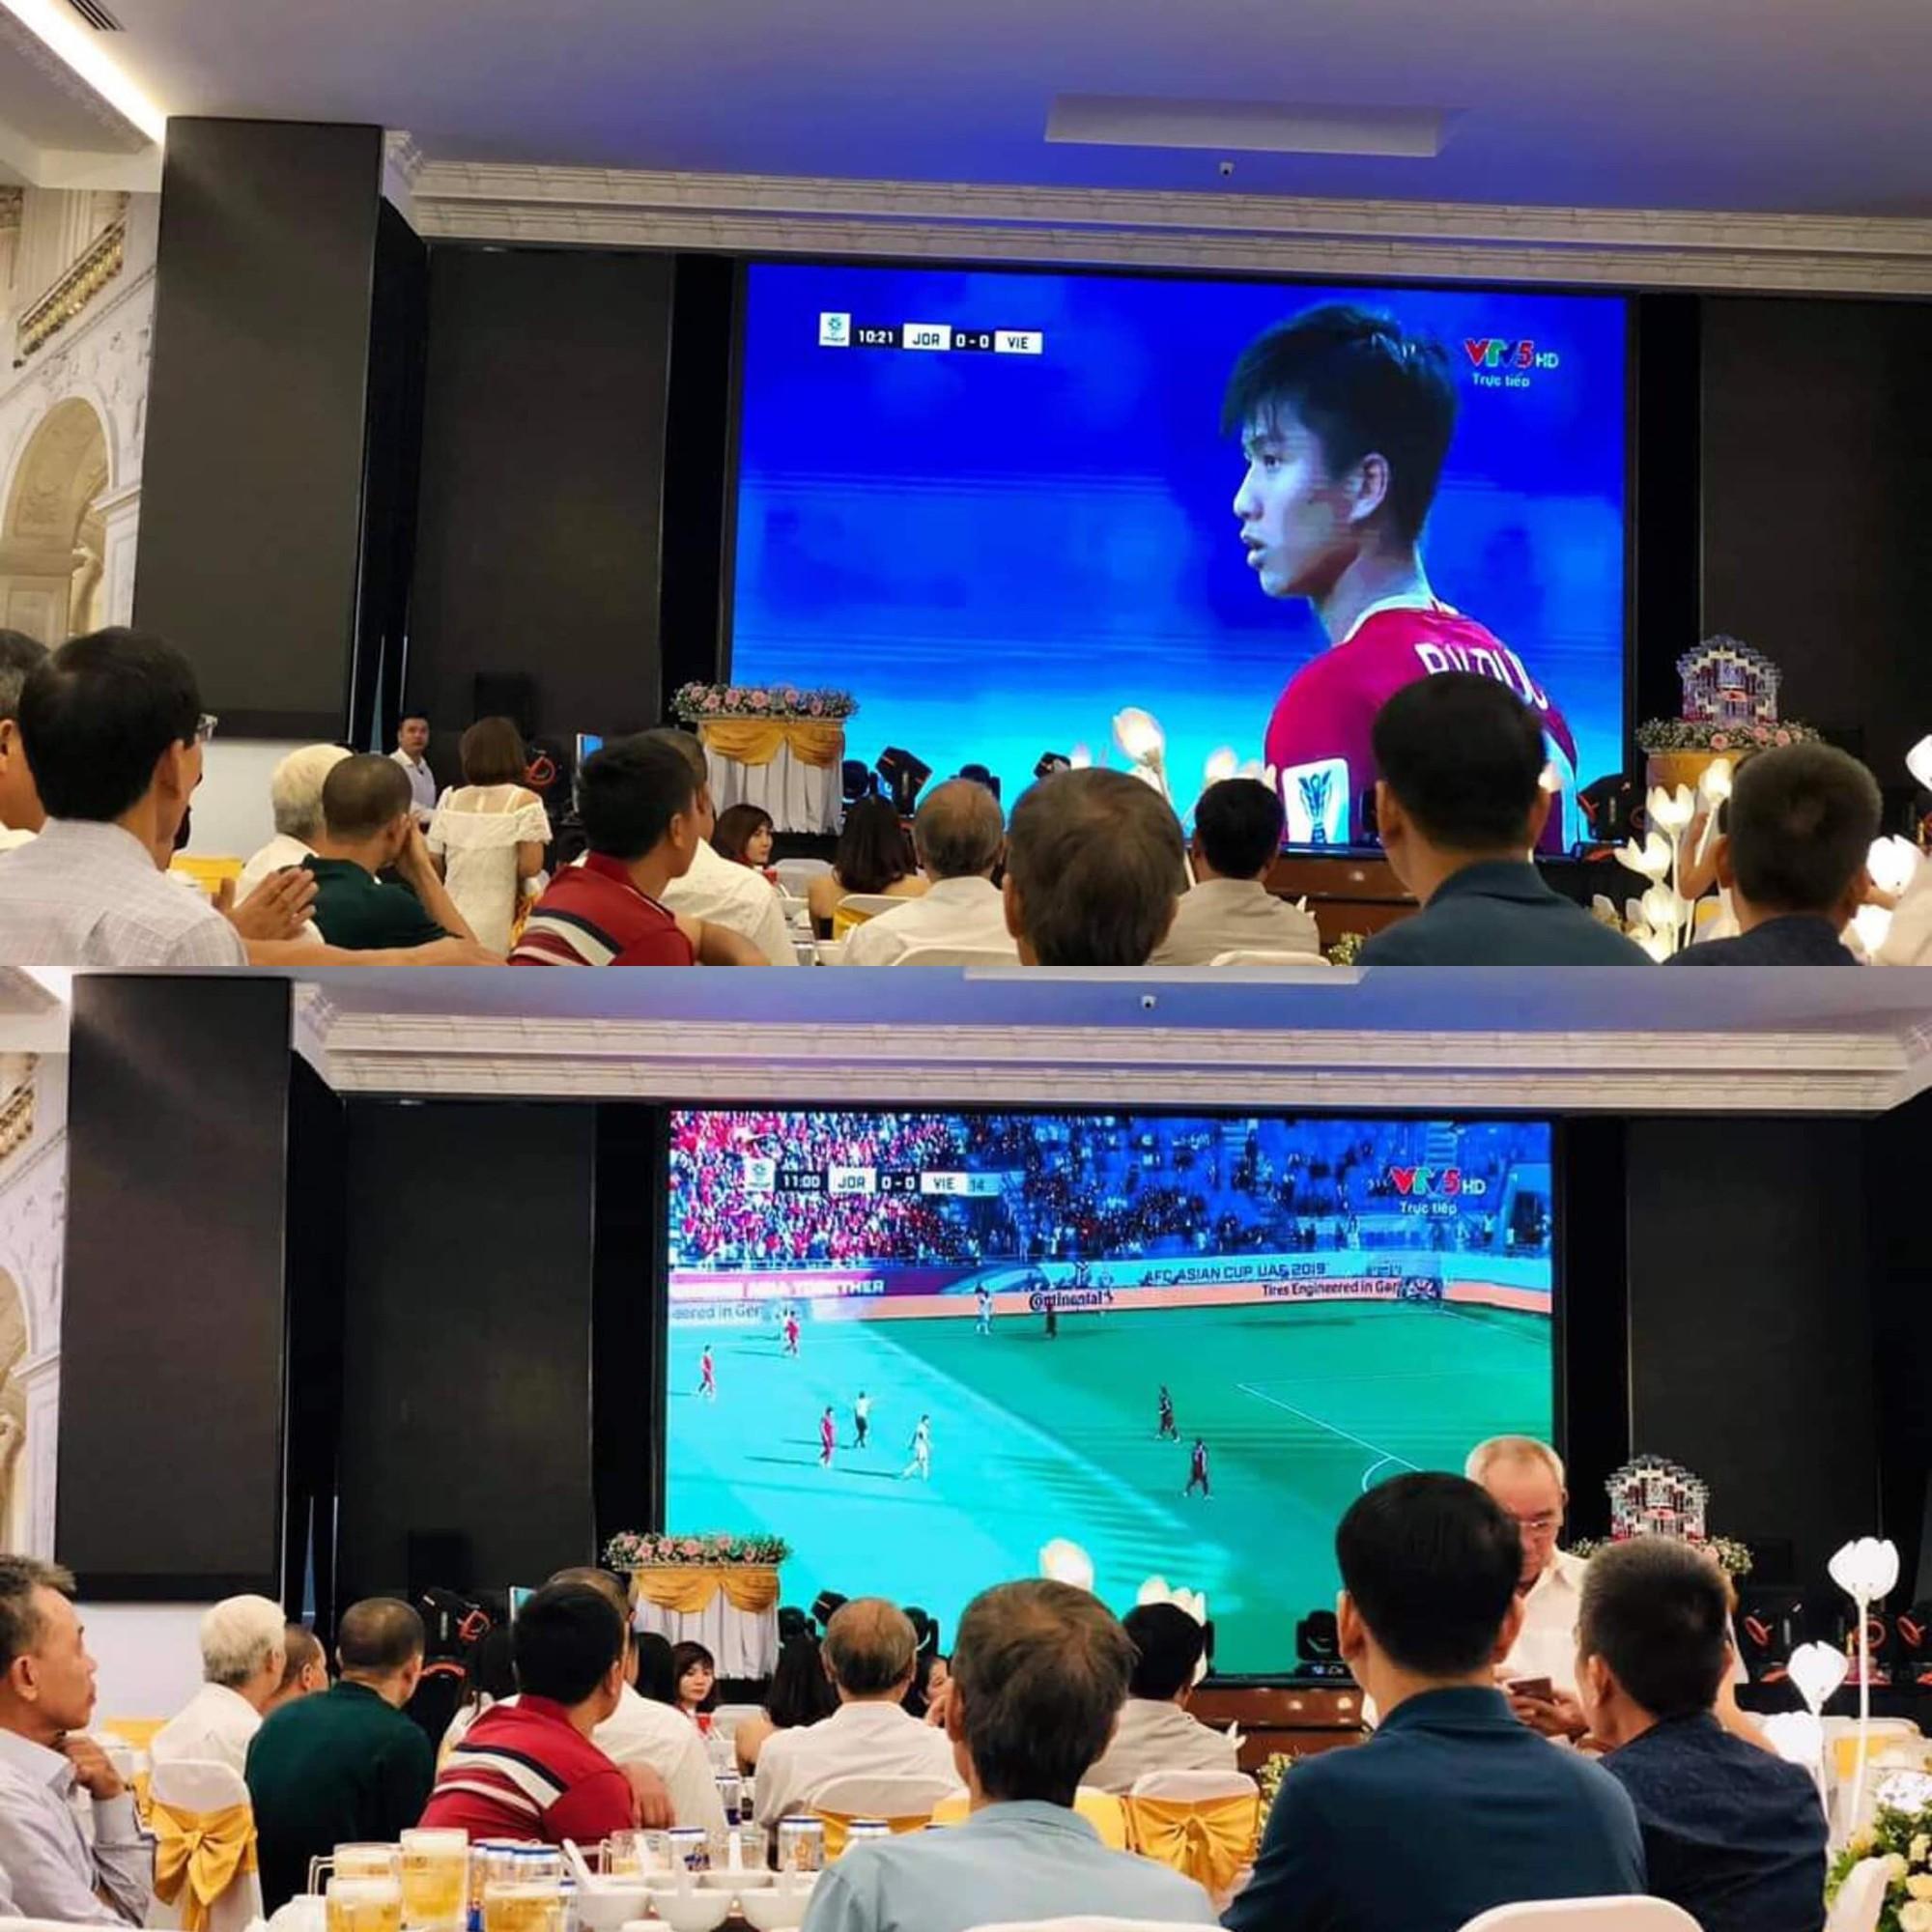 Đám cưới biến thành SVĐ thu nhỏ, quan khách vừa dự tiệc vừa ăn mừng khi ĐT Việt Nam giành vé vào tứ kết-1